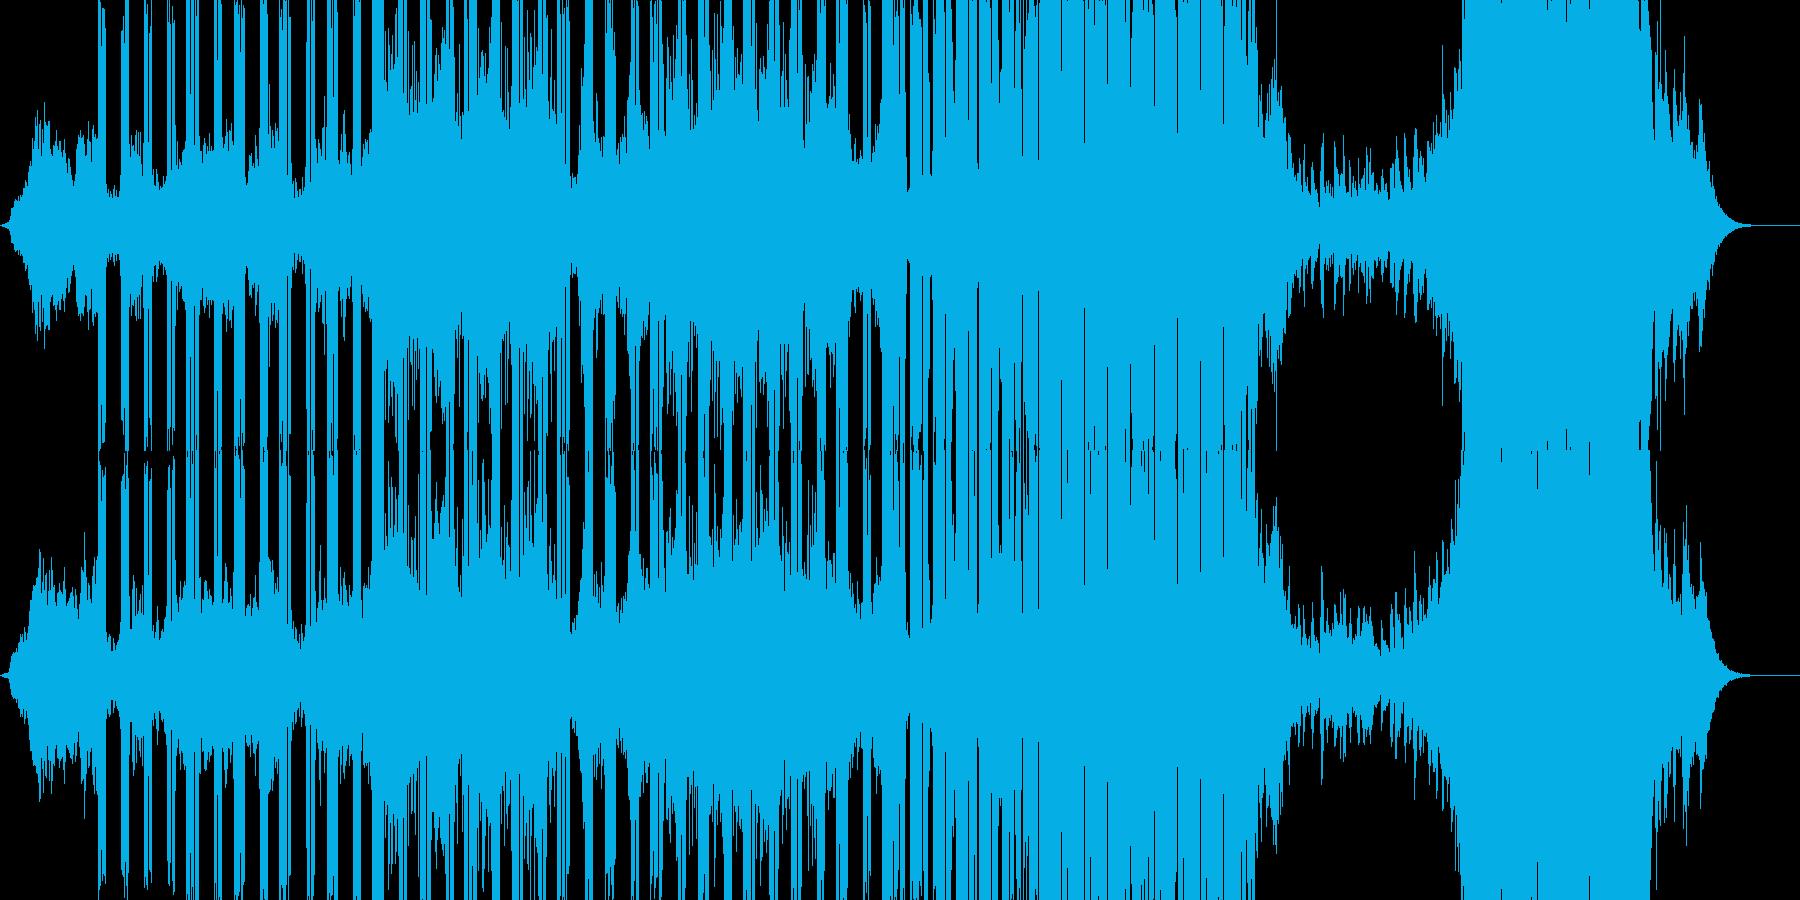 神秘的な雰囲気・壮大な展開のアニメBGMの再生済みの波形